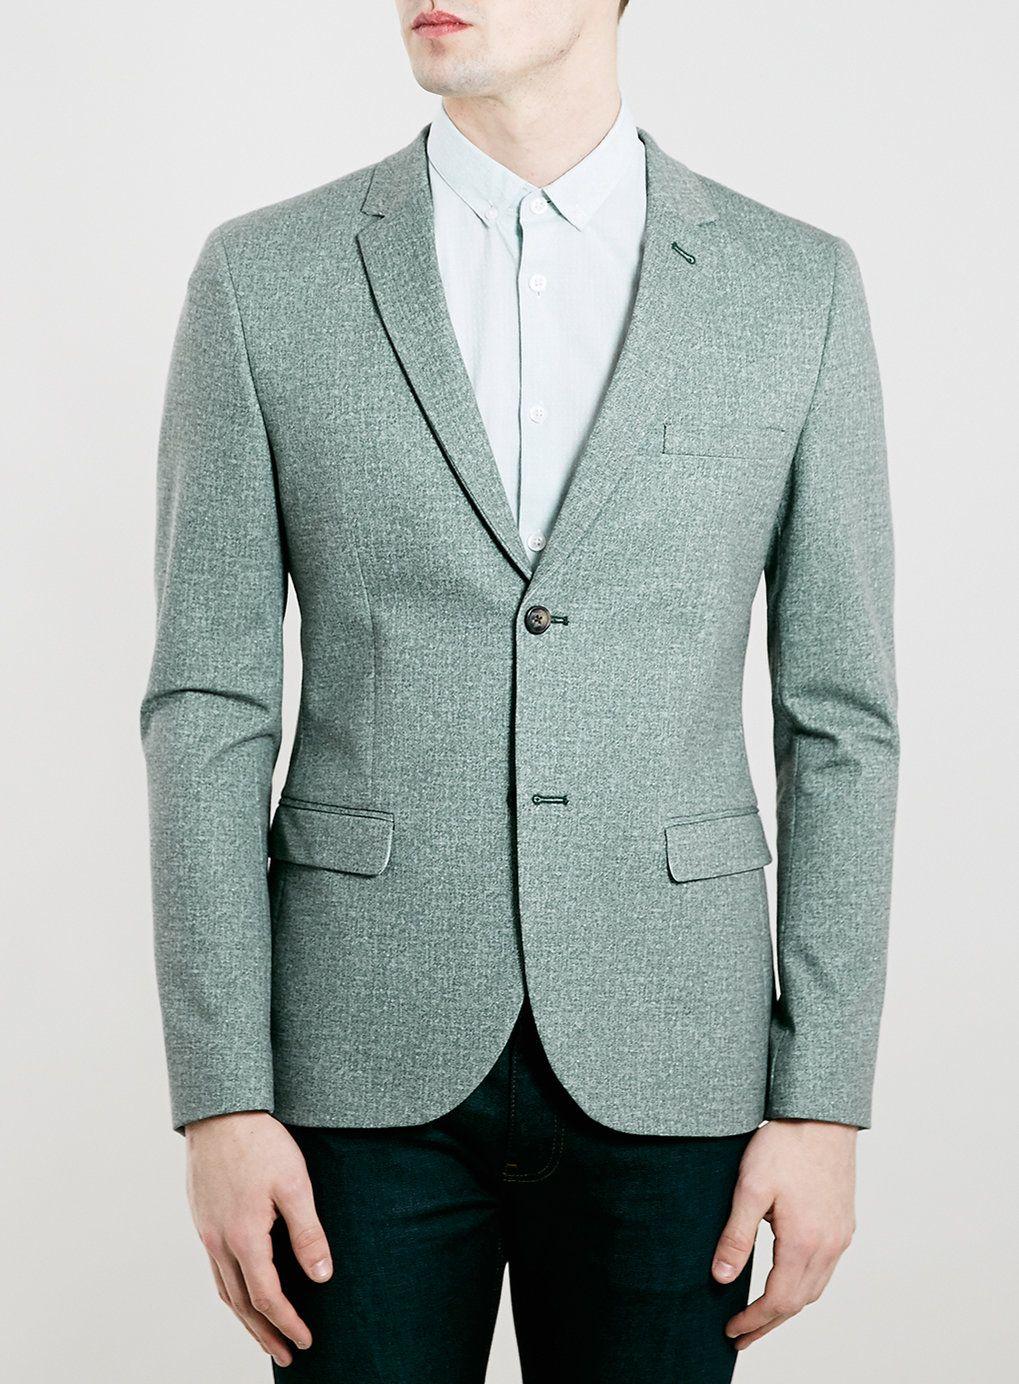 LIGHT GREEN SKINNY FIT JERSEY BLAZER - Topman | Wear Me - Men\'s ...